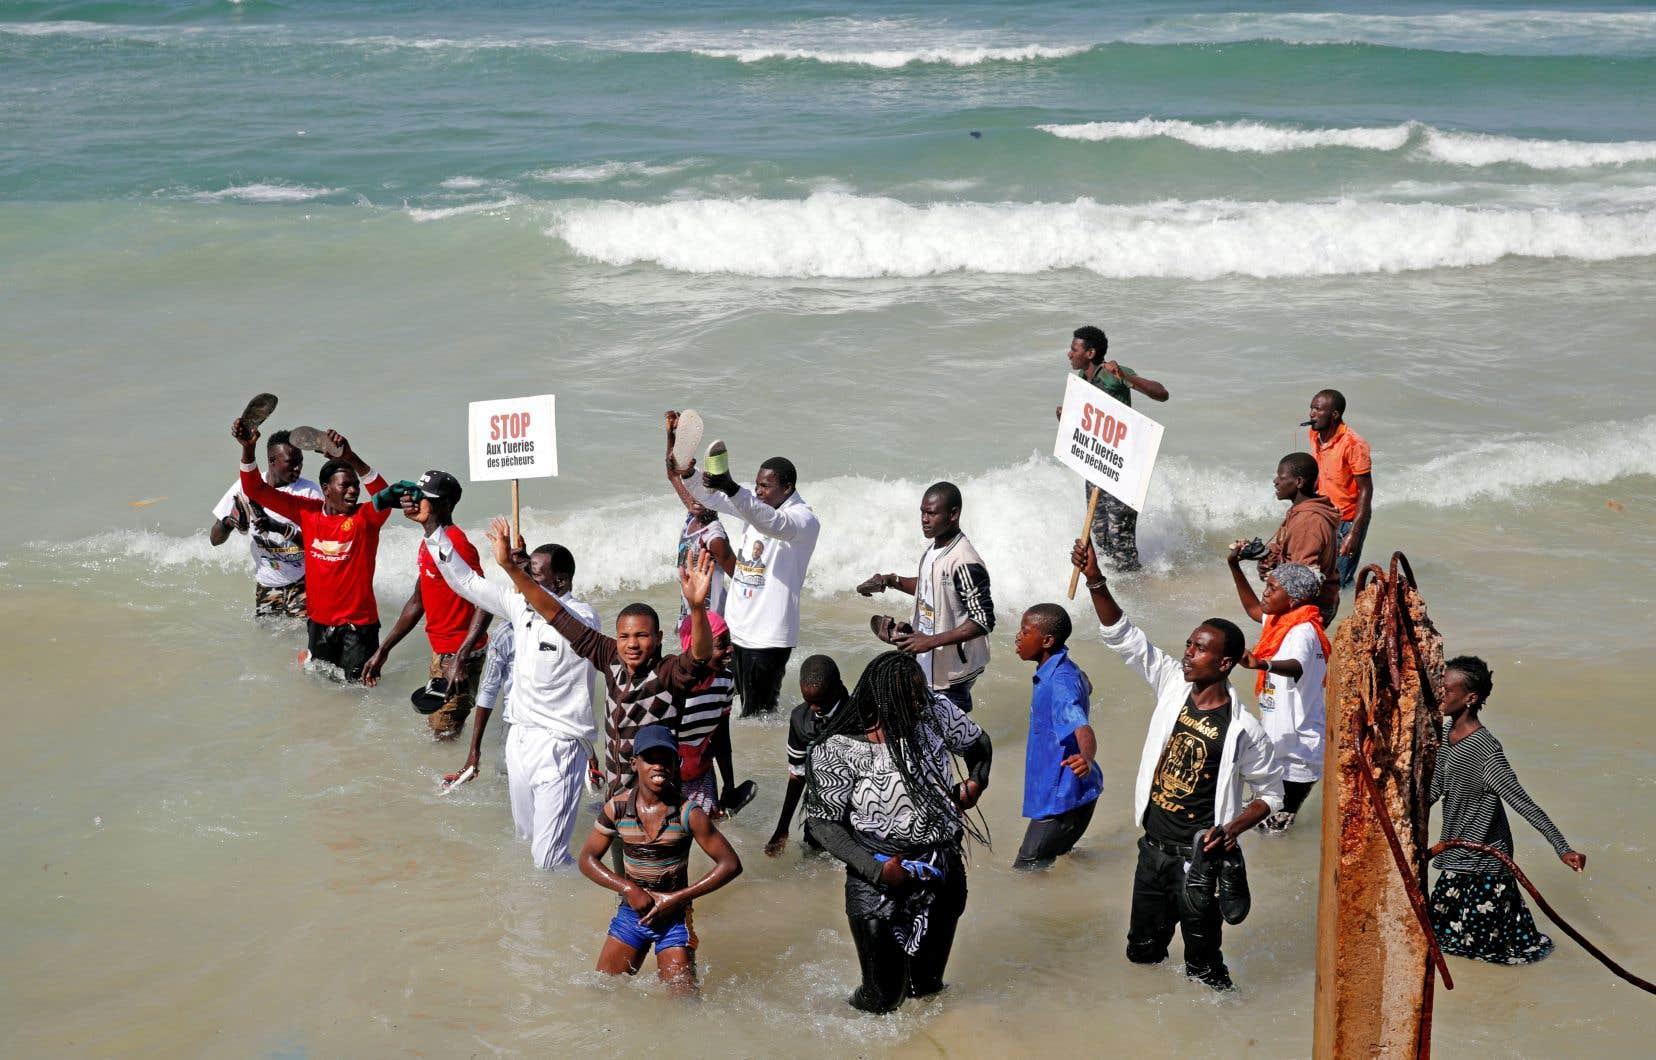 Des pêcheurs sénégalais ont profité en février de la visite du président français, Emmanuel Macron, dans leur pays pour attirer l'attention sur leur sort.